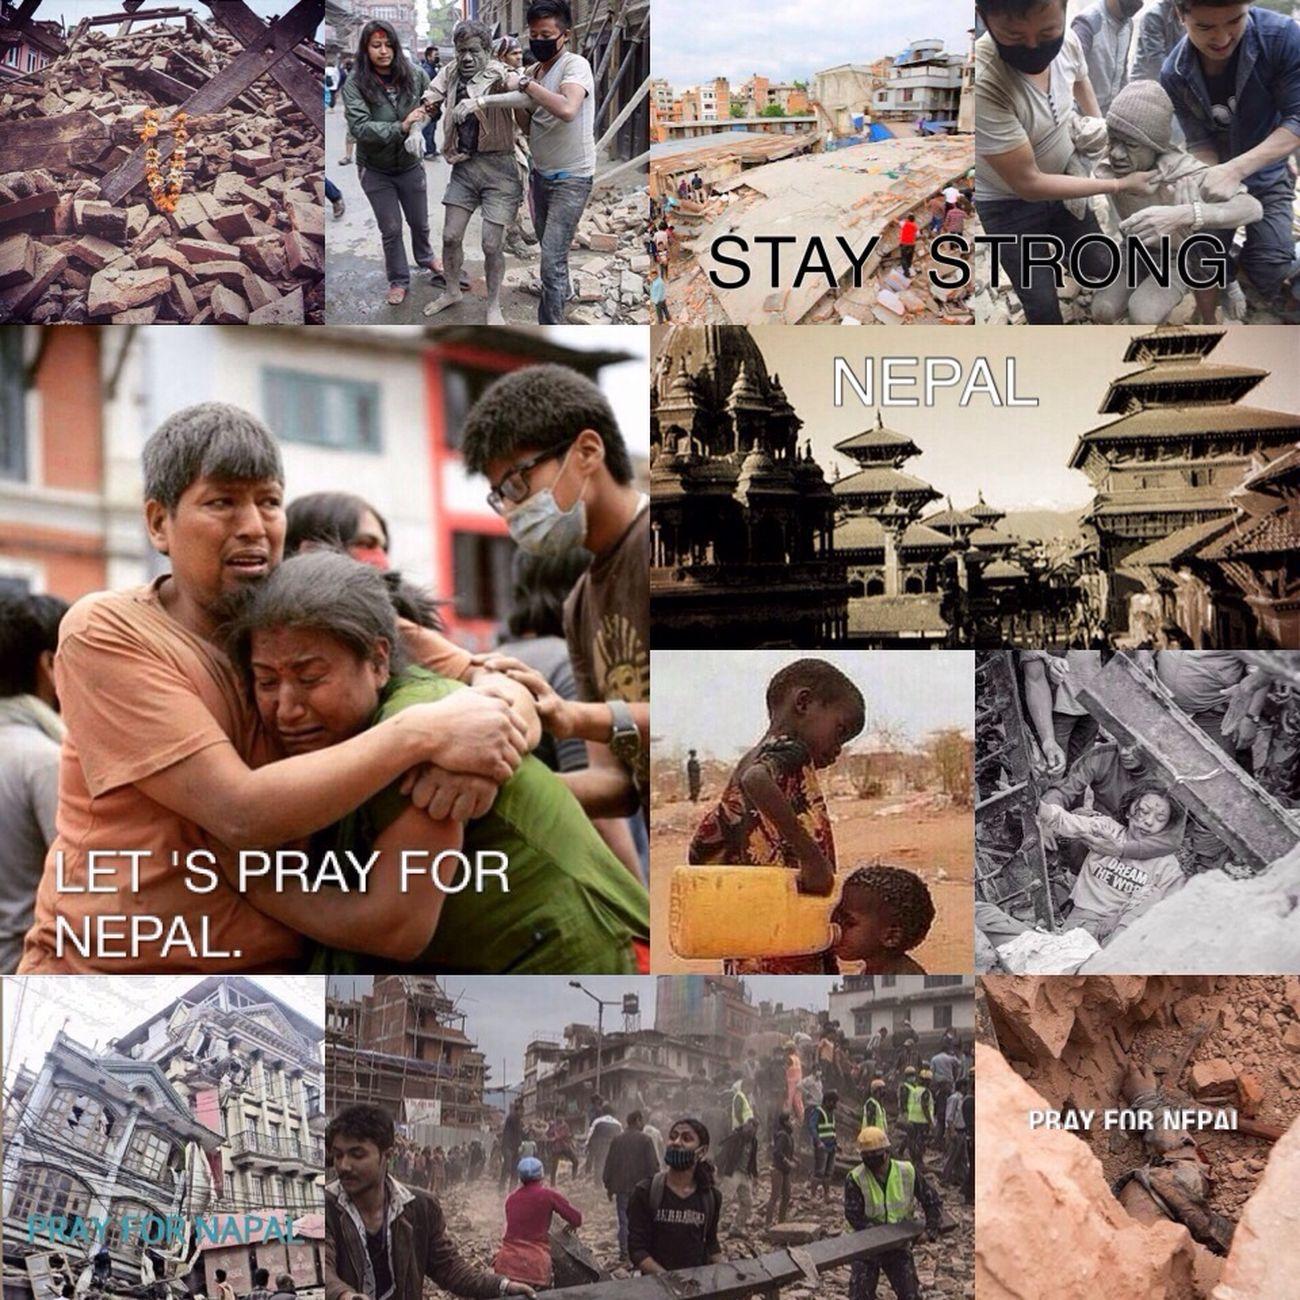 """นับเป็นเหตุการณ์ที่รุนแรงมาก -->> """"แผ่นดินไหวประเทศเนปาล"""" ความสูญเสีย ผู้คนสูญหาย บาดเจ็บ และเสียชีวิตอย่างมาก เป็นเหตุสะเทือนใจอีกครั้งของโลกที่เกิดขึ้นจากธรรมชาติ ที่ไม่มีใครอยากให้เกิดขึ้น ไม่มีใครต้องการ แต่ก็ไม่สามารถบังคับธรรมชาติได้ 🌍🌾🍃🍁 ขอให้ผู้ที่รอดปลอดภัย ขอให้พบผู้สูญหายเร็วๆ ขอให้ฝ่าฝันไปให้ได้ ช่วยส่งกำลังใจให้เพื่อนร่วมโลกของเรา 🙈🙉🙊 May Gob be with you all #Napal #Earthquake #Disaster PrayforNepal"""